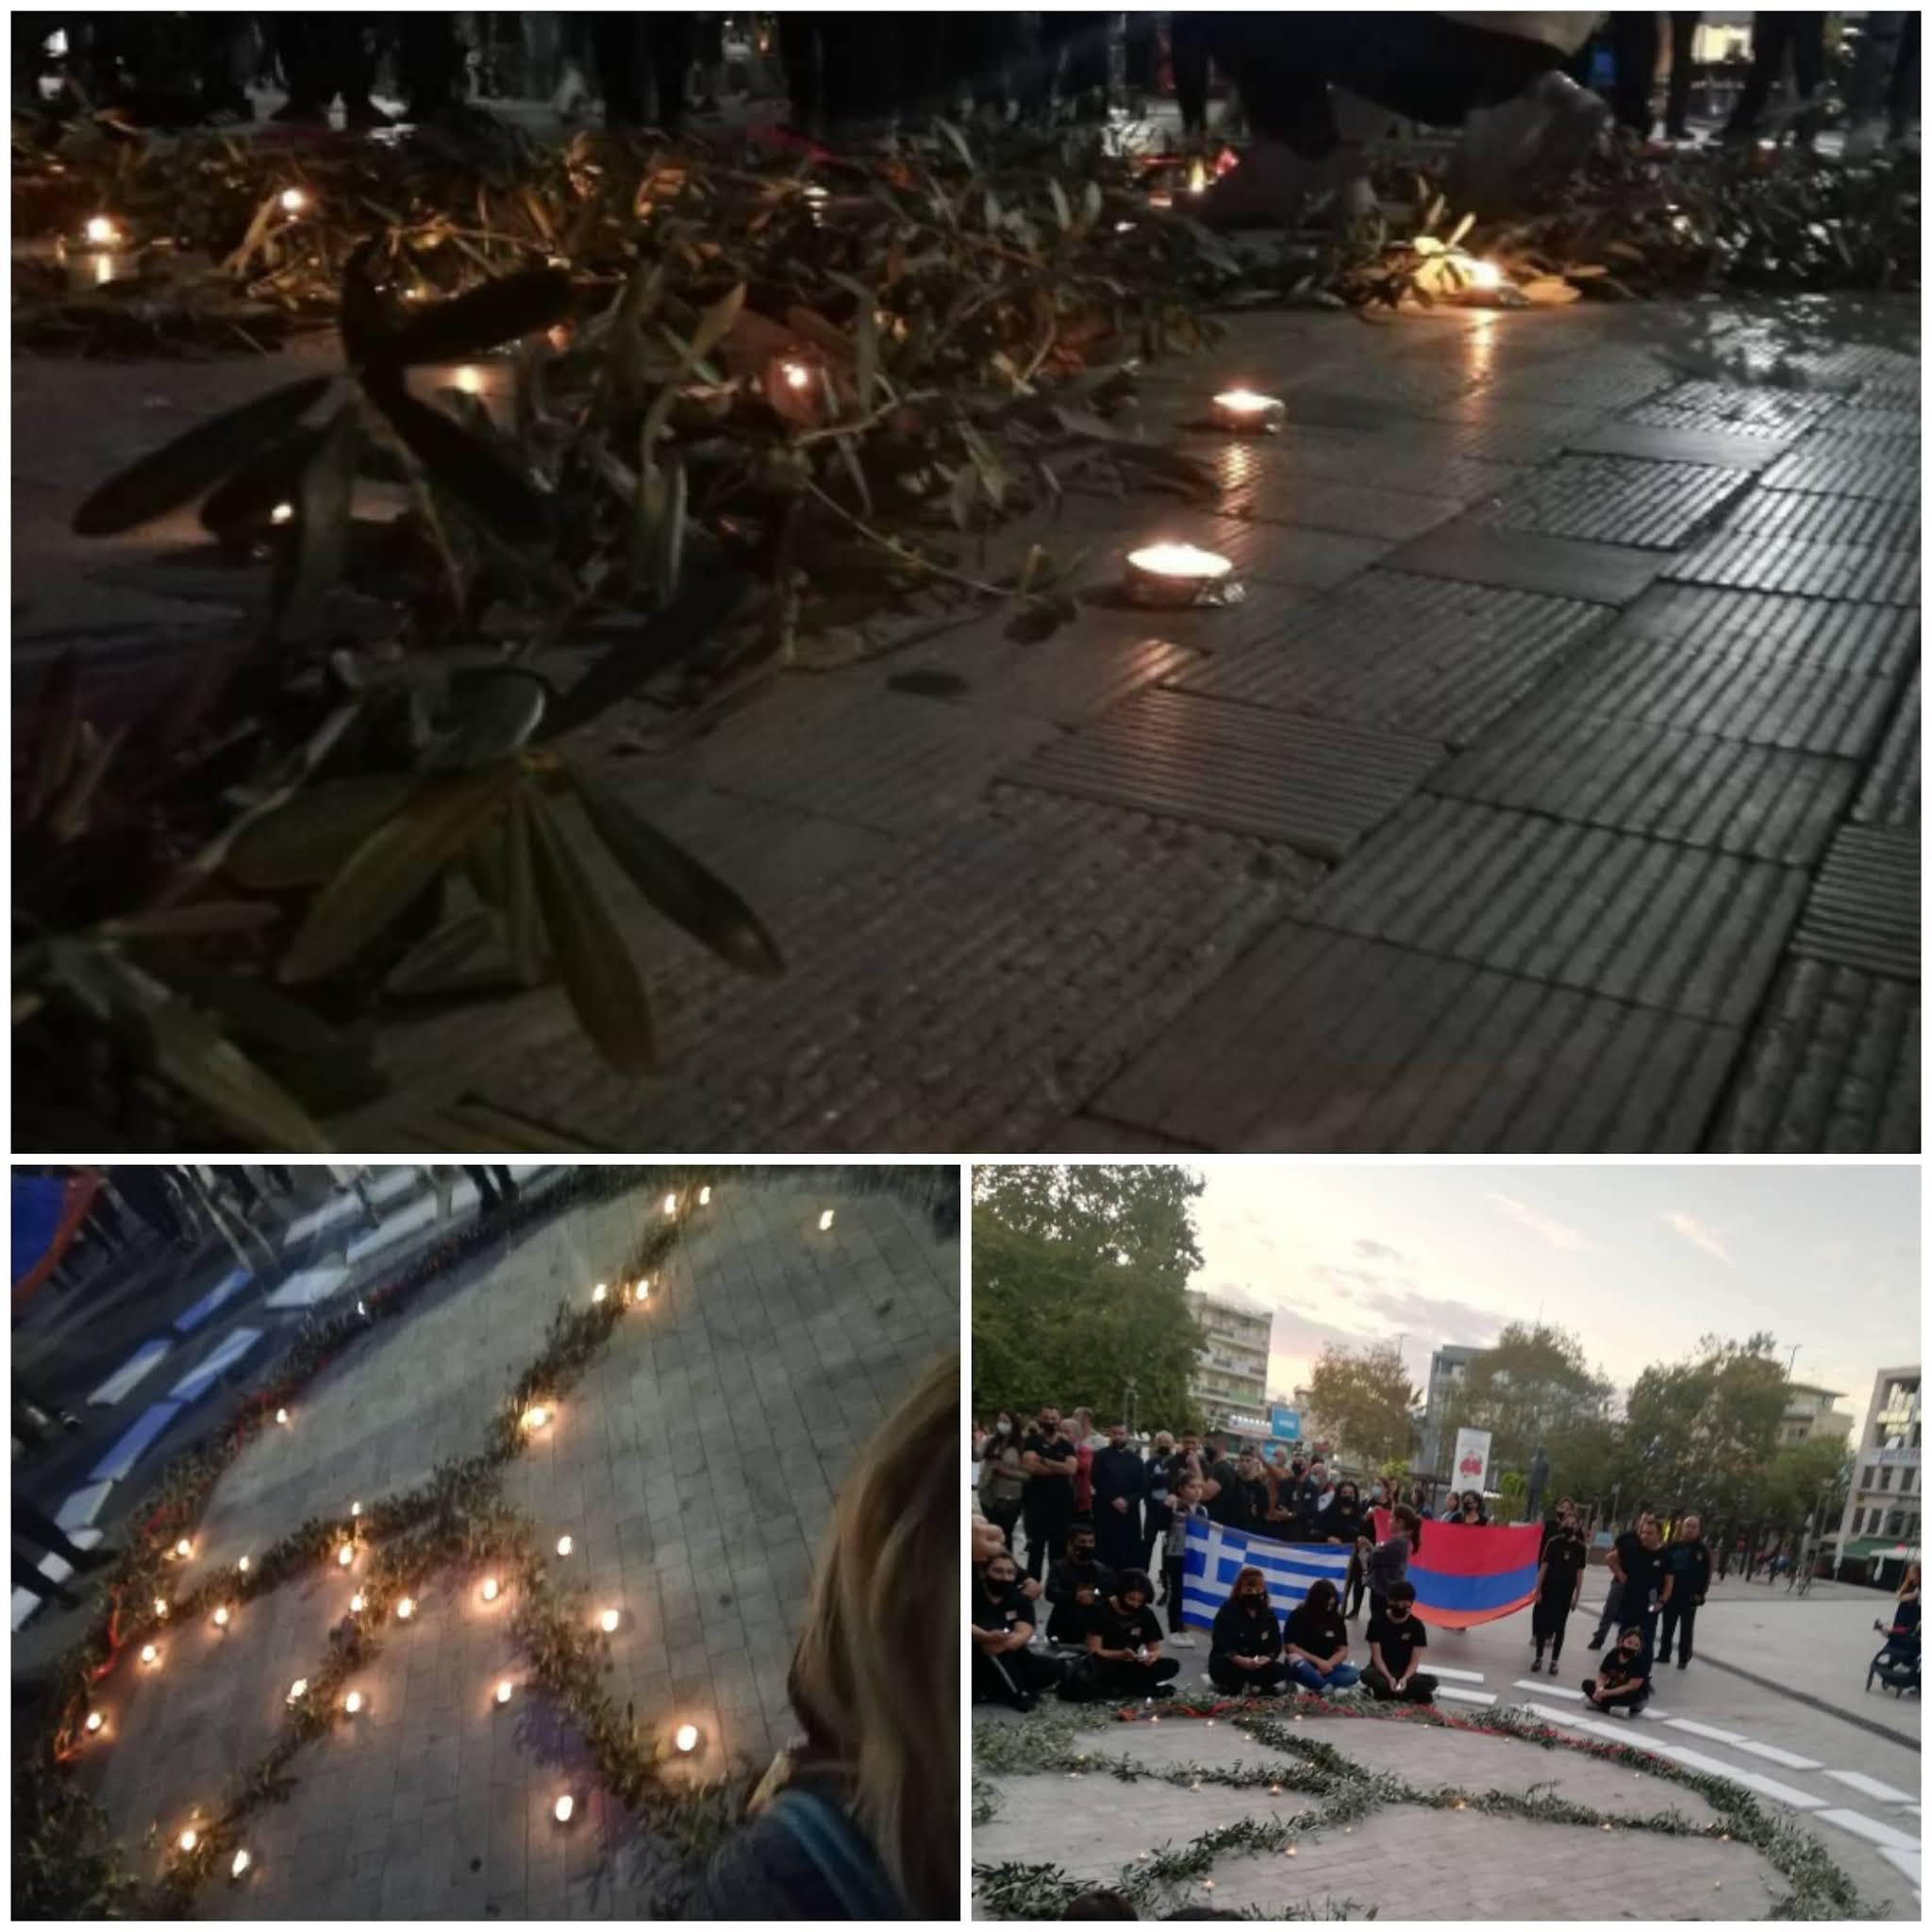 Οι Αρμένιοι της Ξάνθης δίνουν τη δική τους μάχη για την Αρμενία